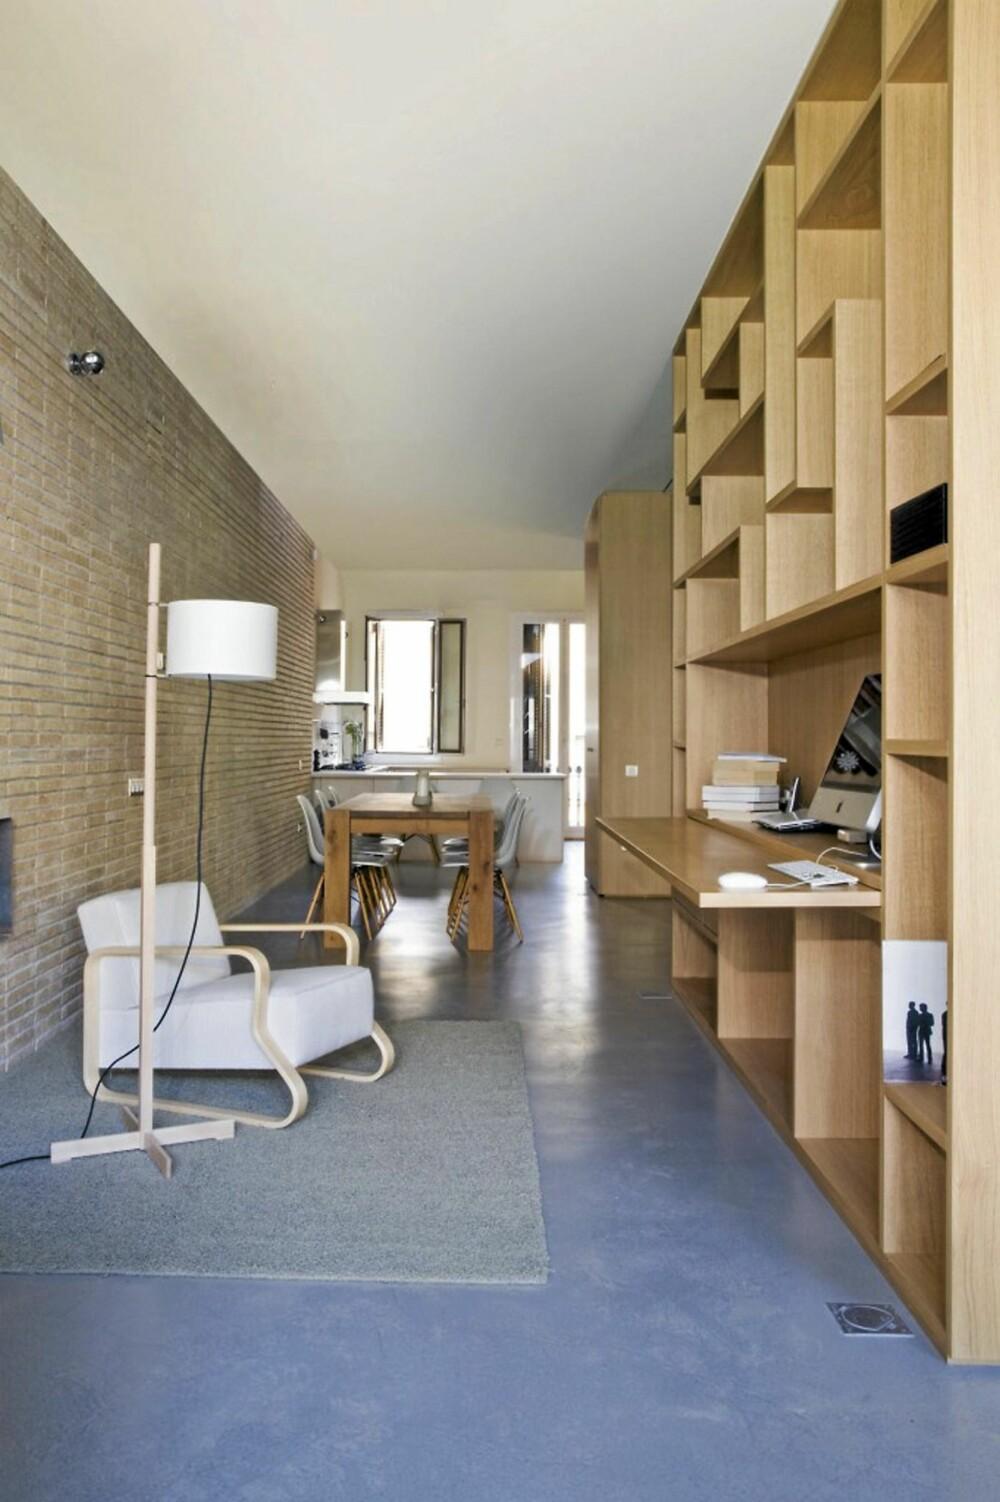 FLERFUNKSJONELL VEGG: : Den ene ytterveggen av trekuben fungerer som en hylle i stuen. Her har beboeren innstalert en skrivepult og hyllene gir godt med lagringsplass.